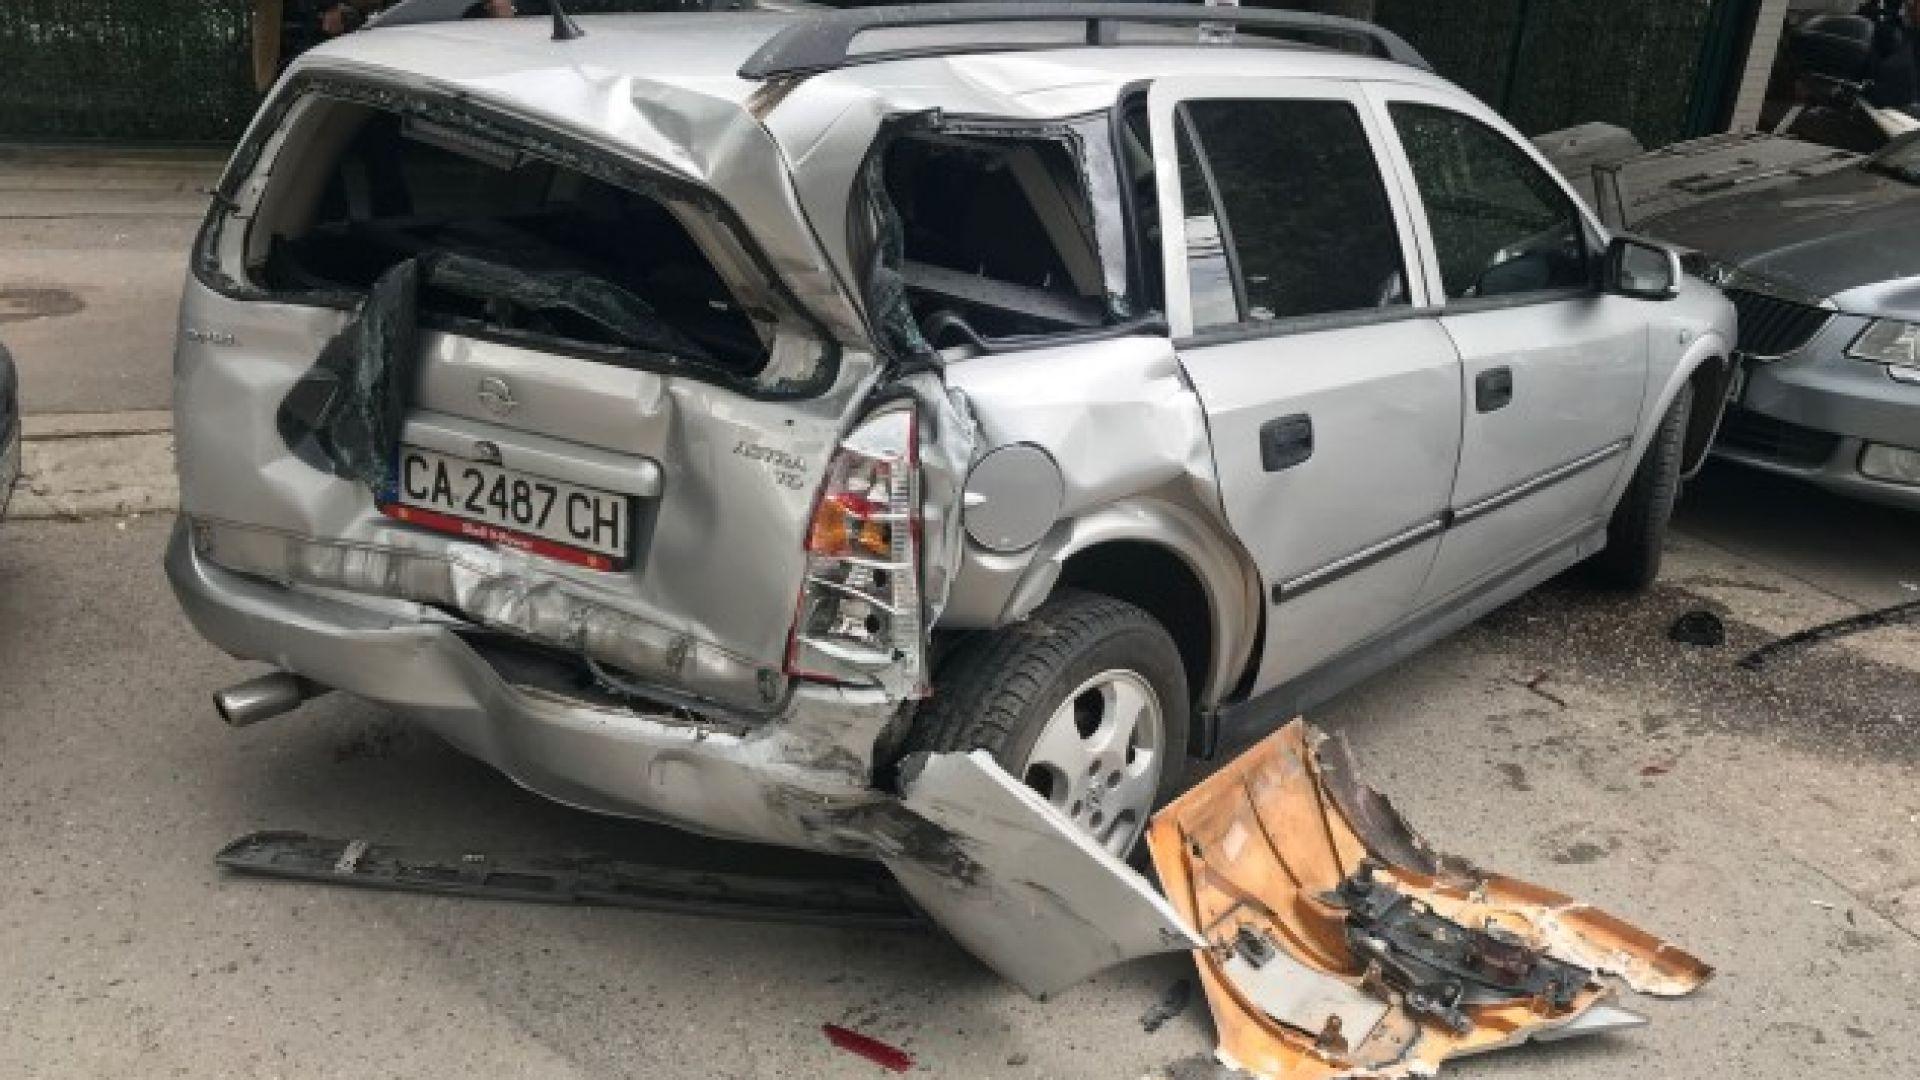 Градски автобус предизвика верижна катастрофа с 5 коли в София (снимки)